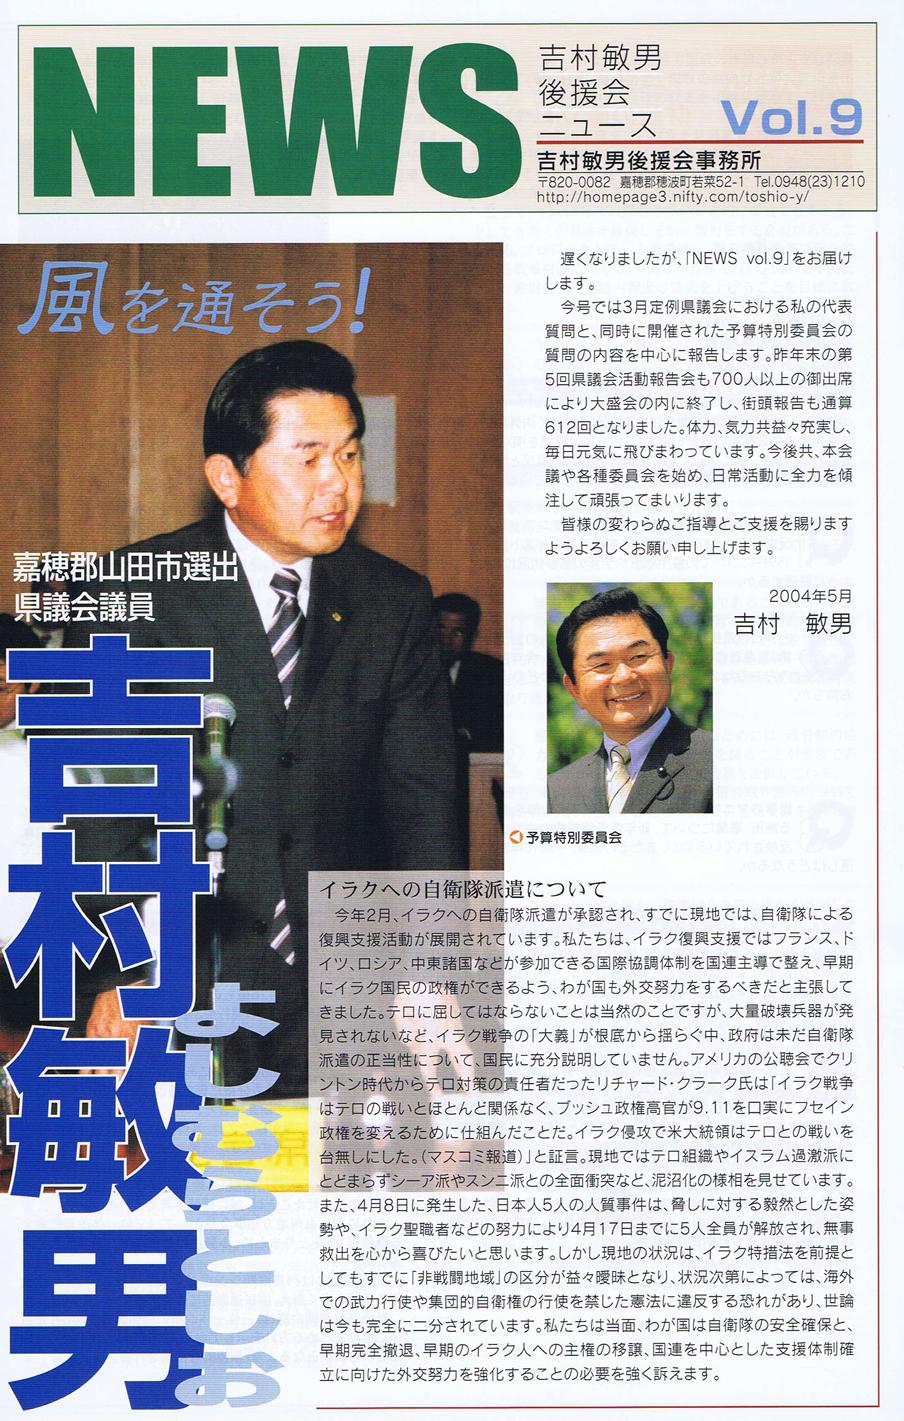 福岡県議会議員 吉村敏男 県政報告 第09号